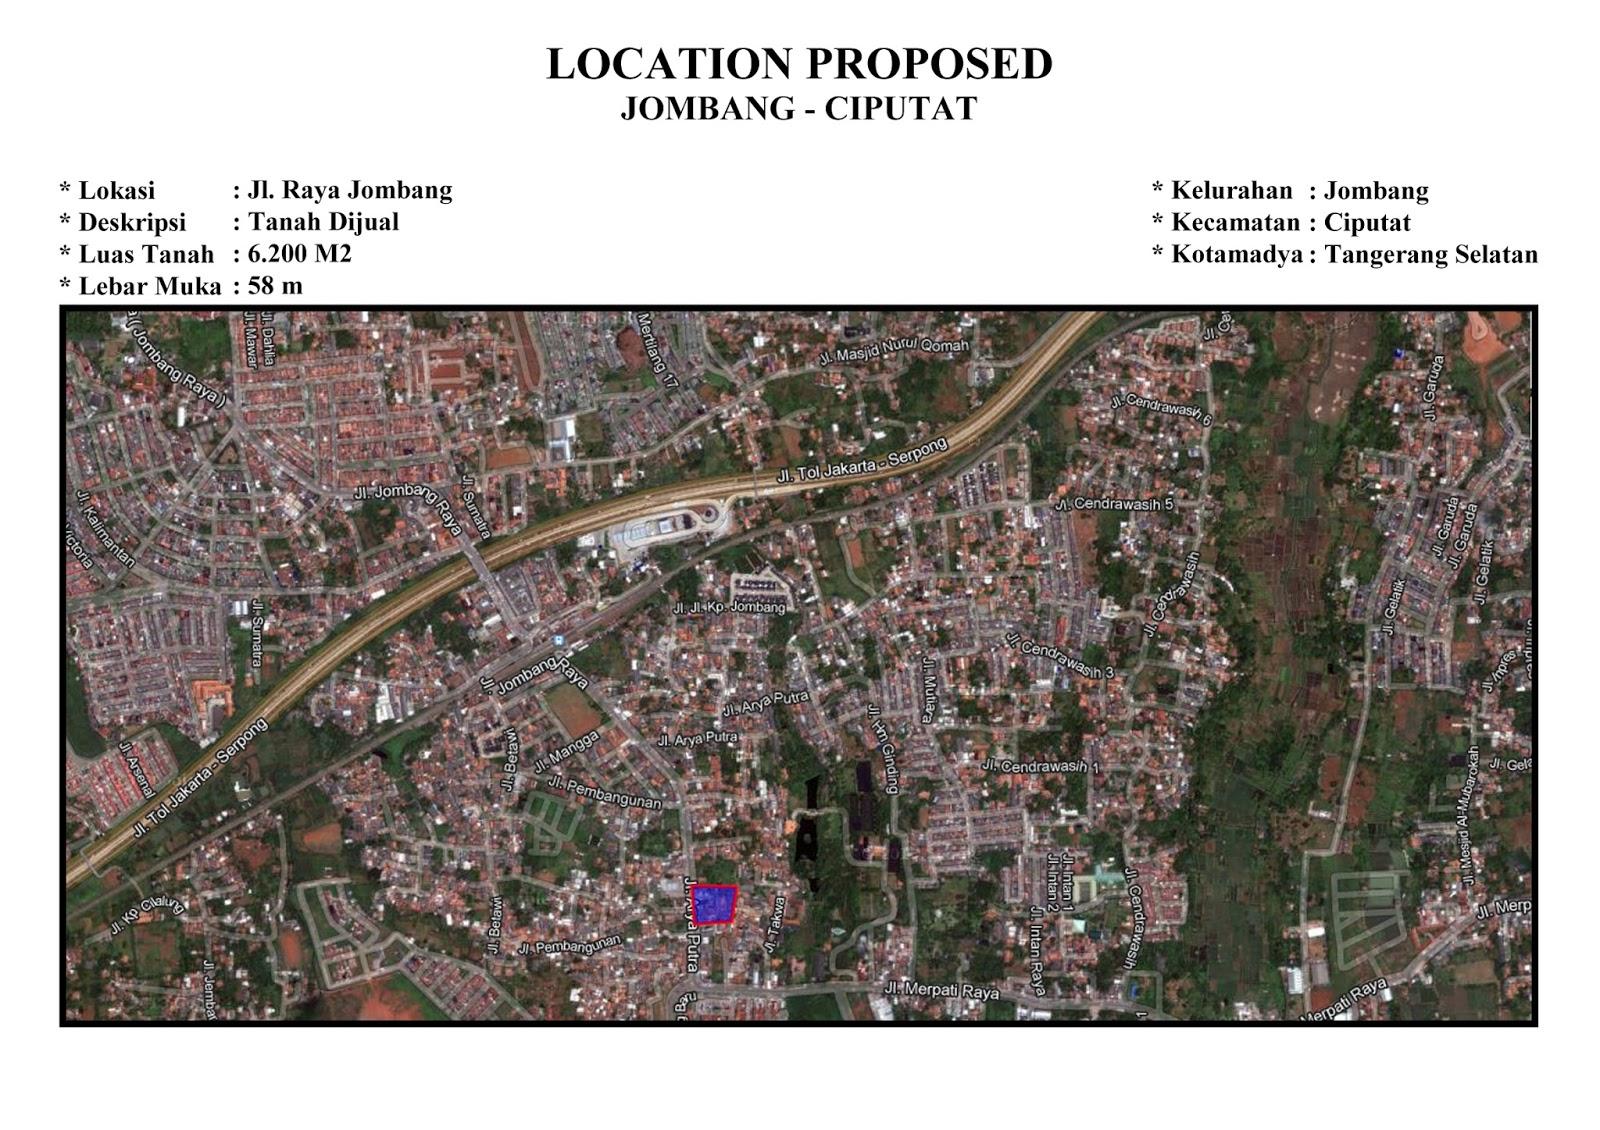 Jual Tanah Jalan Jombang Raya, Ciputat. Luas 6200 m2